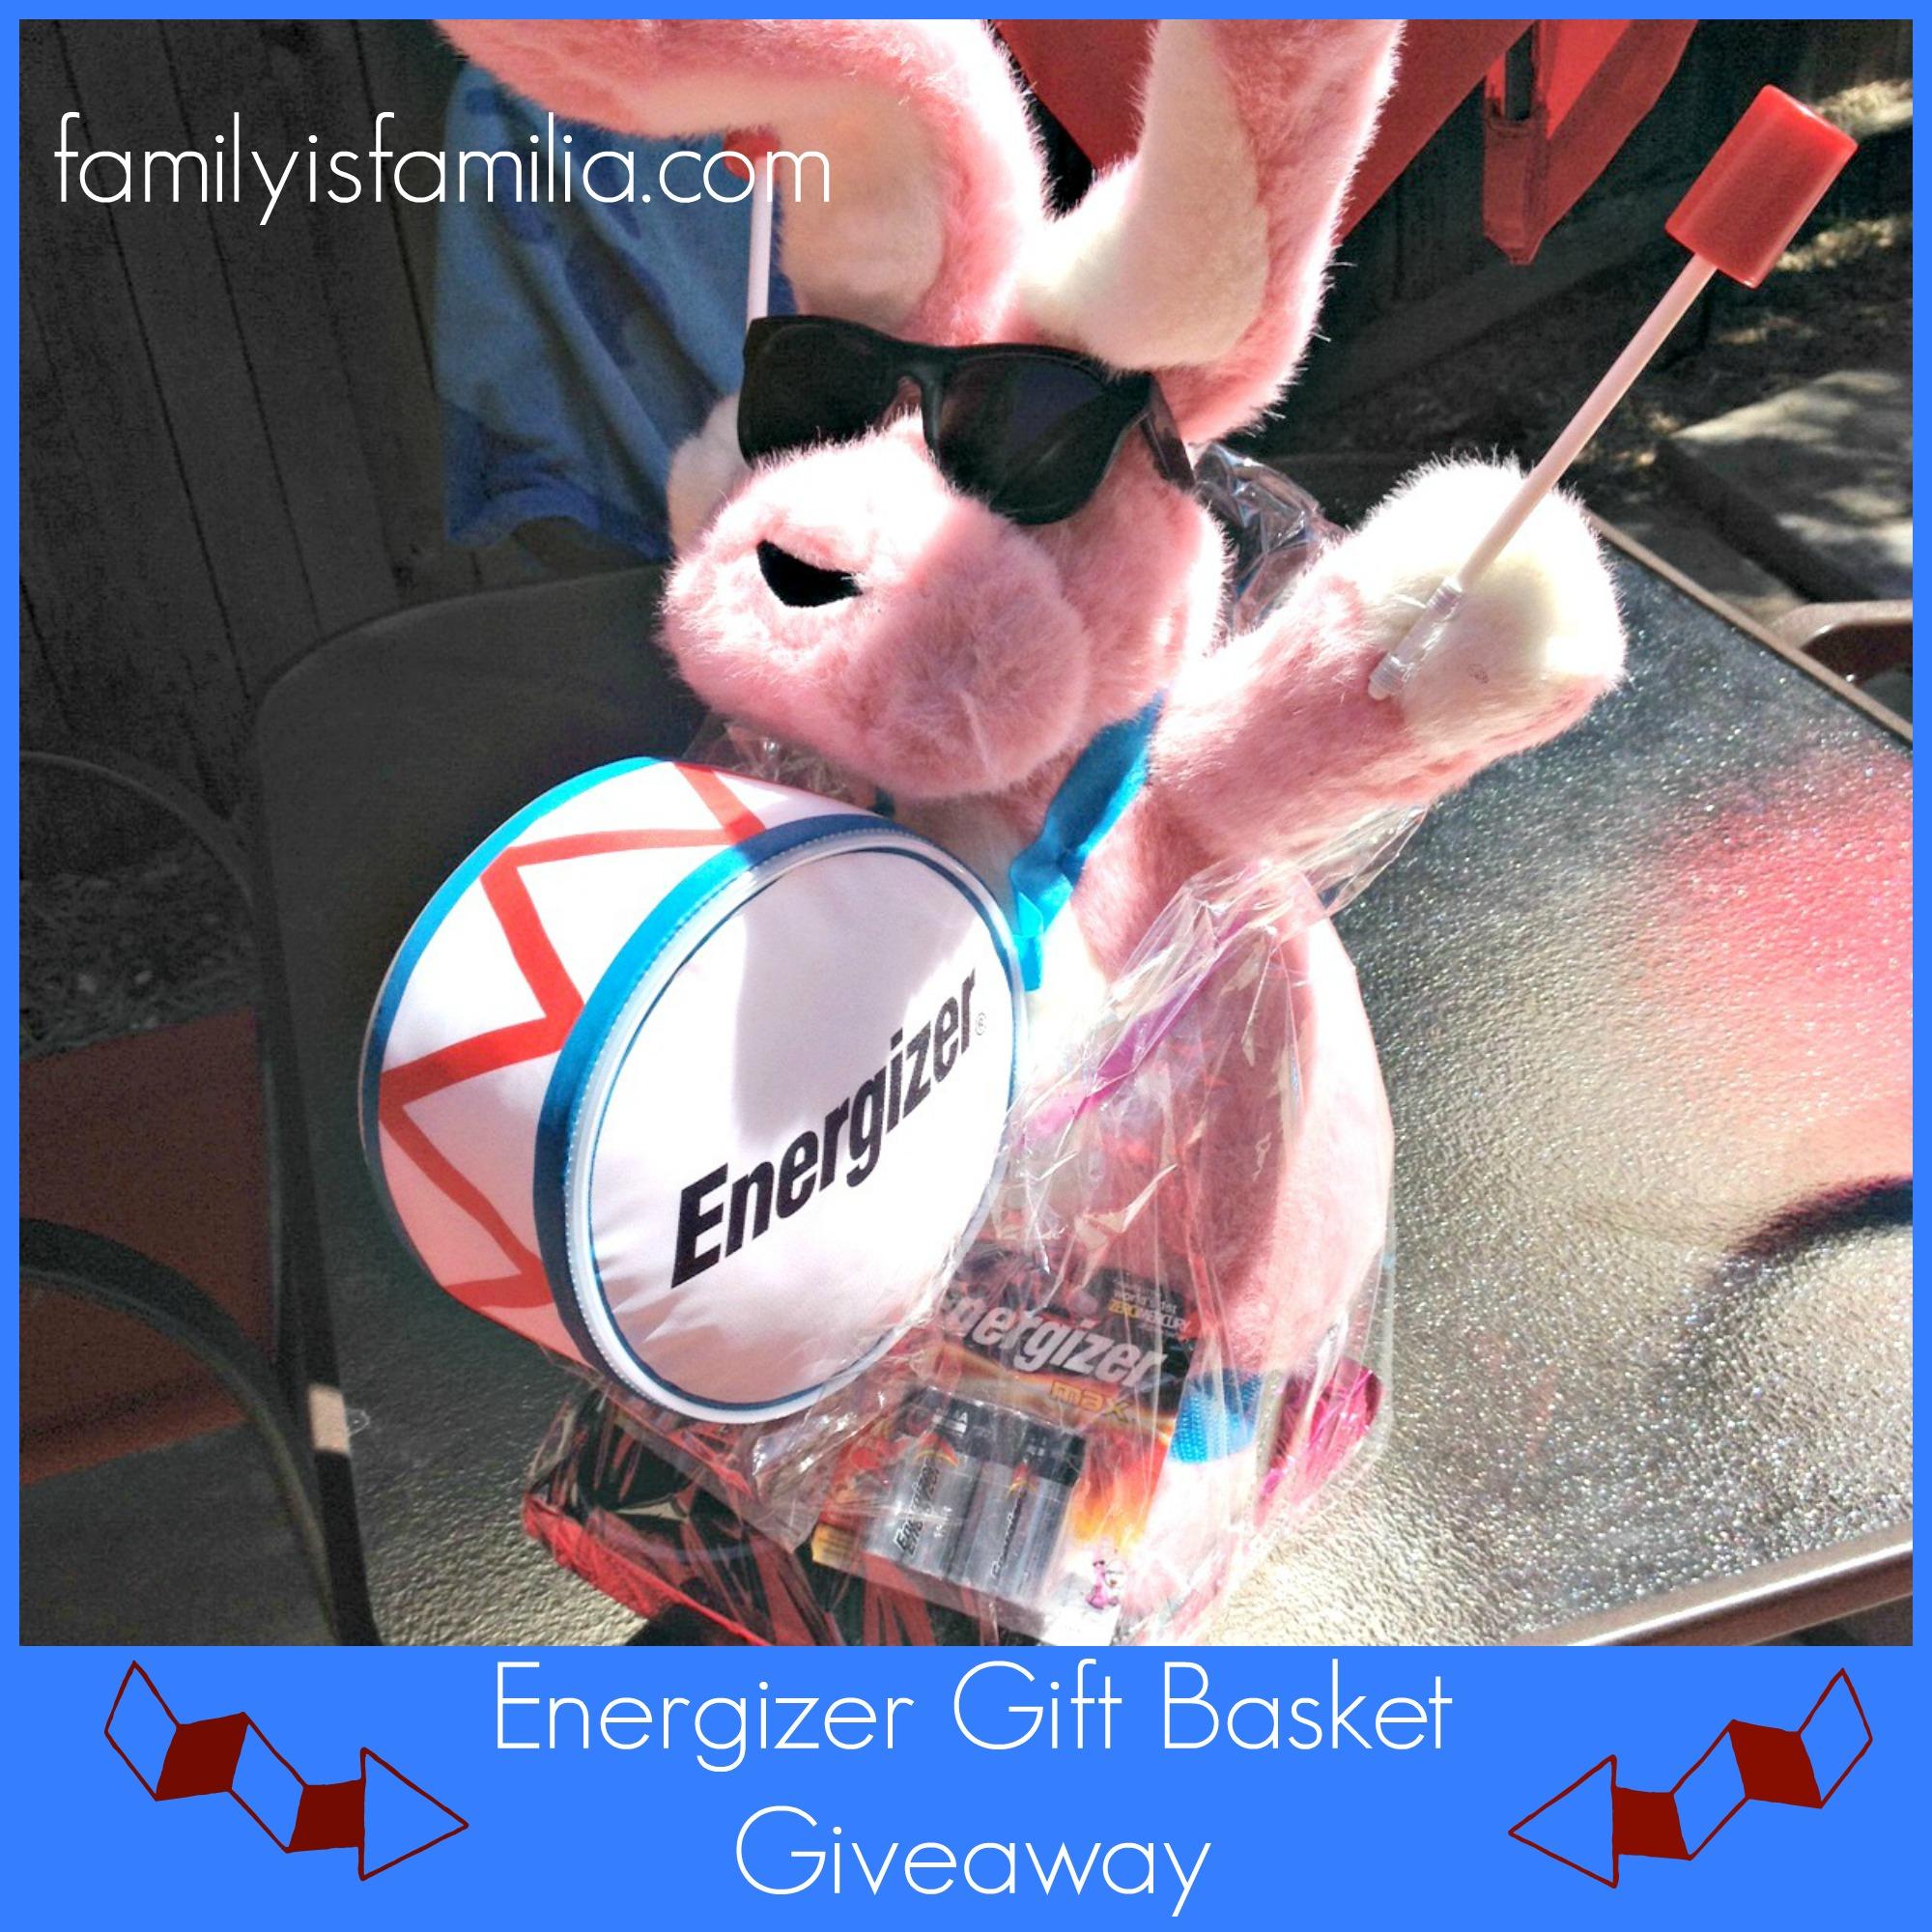 energizer-gift-basket-giveaway